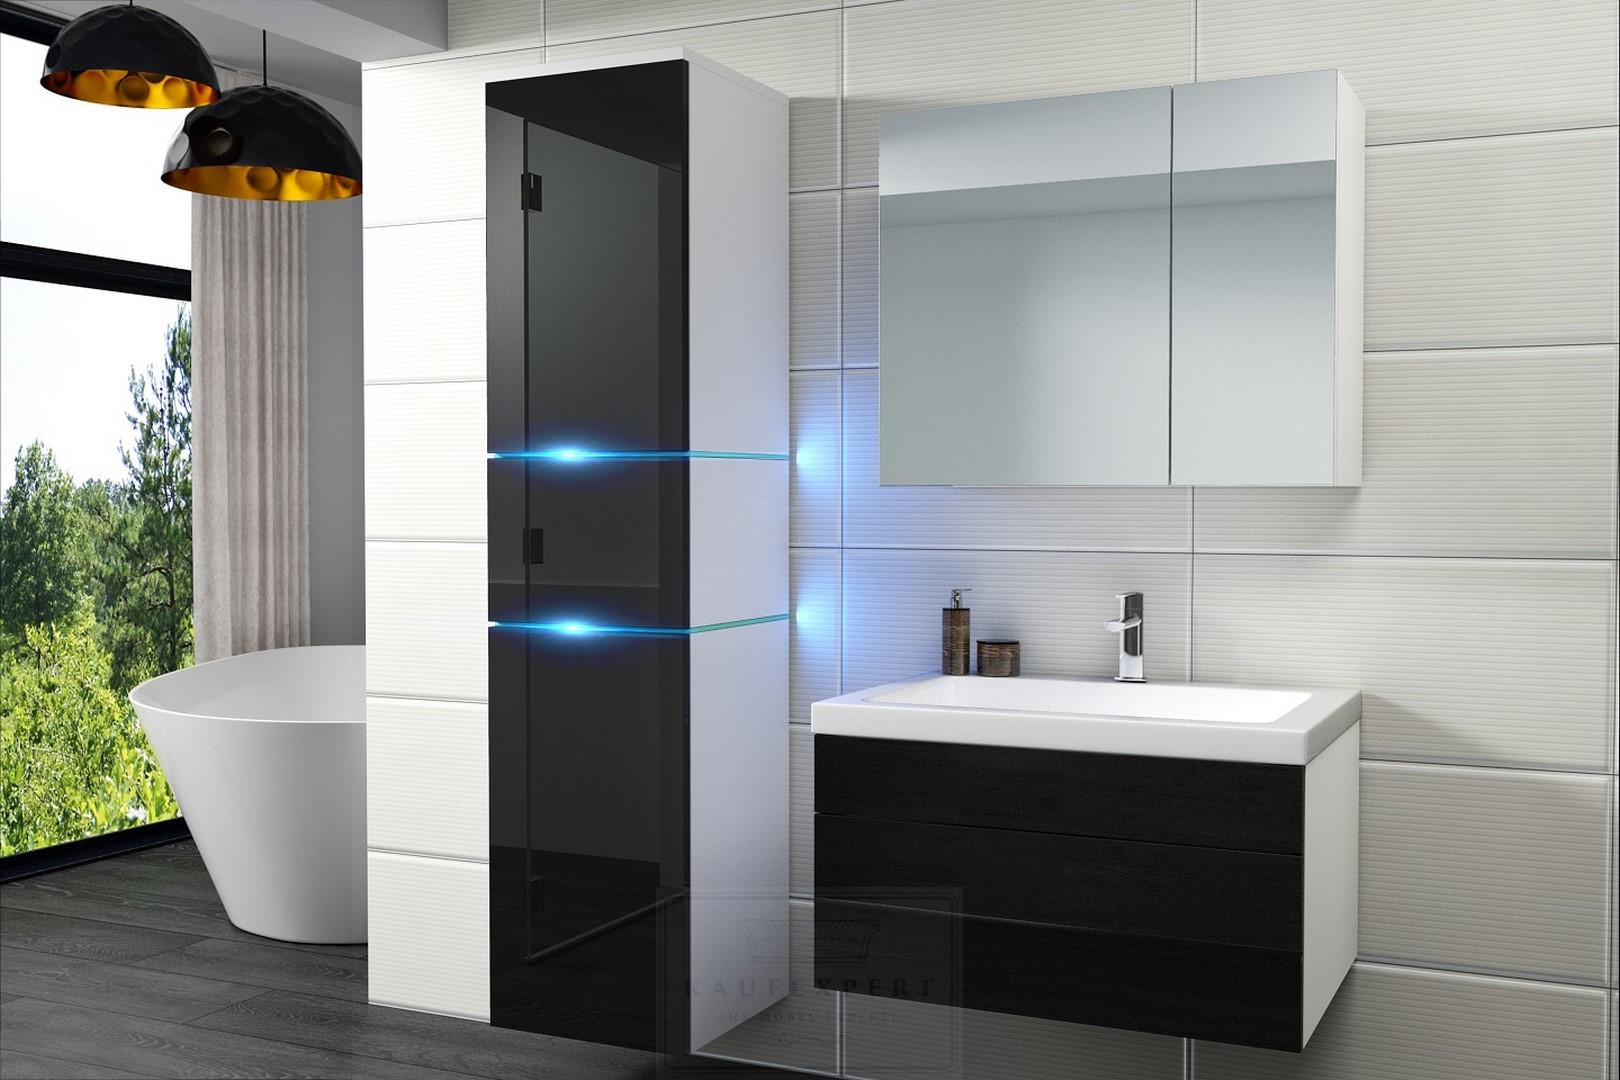 badmobel schwarz, kaufexpert - badmöbel-set ledox 170 cm schwarz hochglanz/weiß, Design ideen